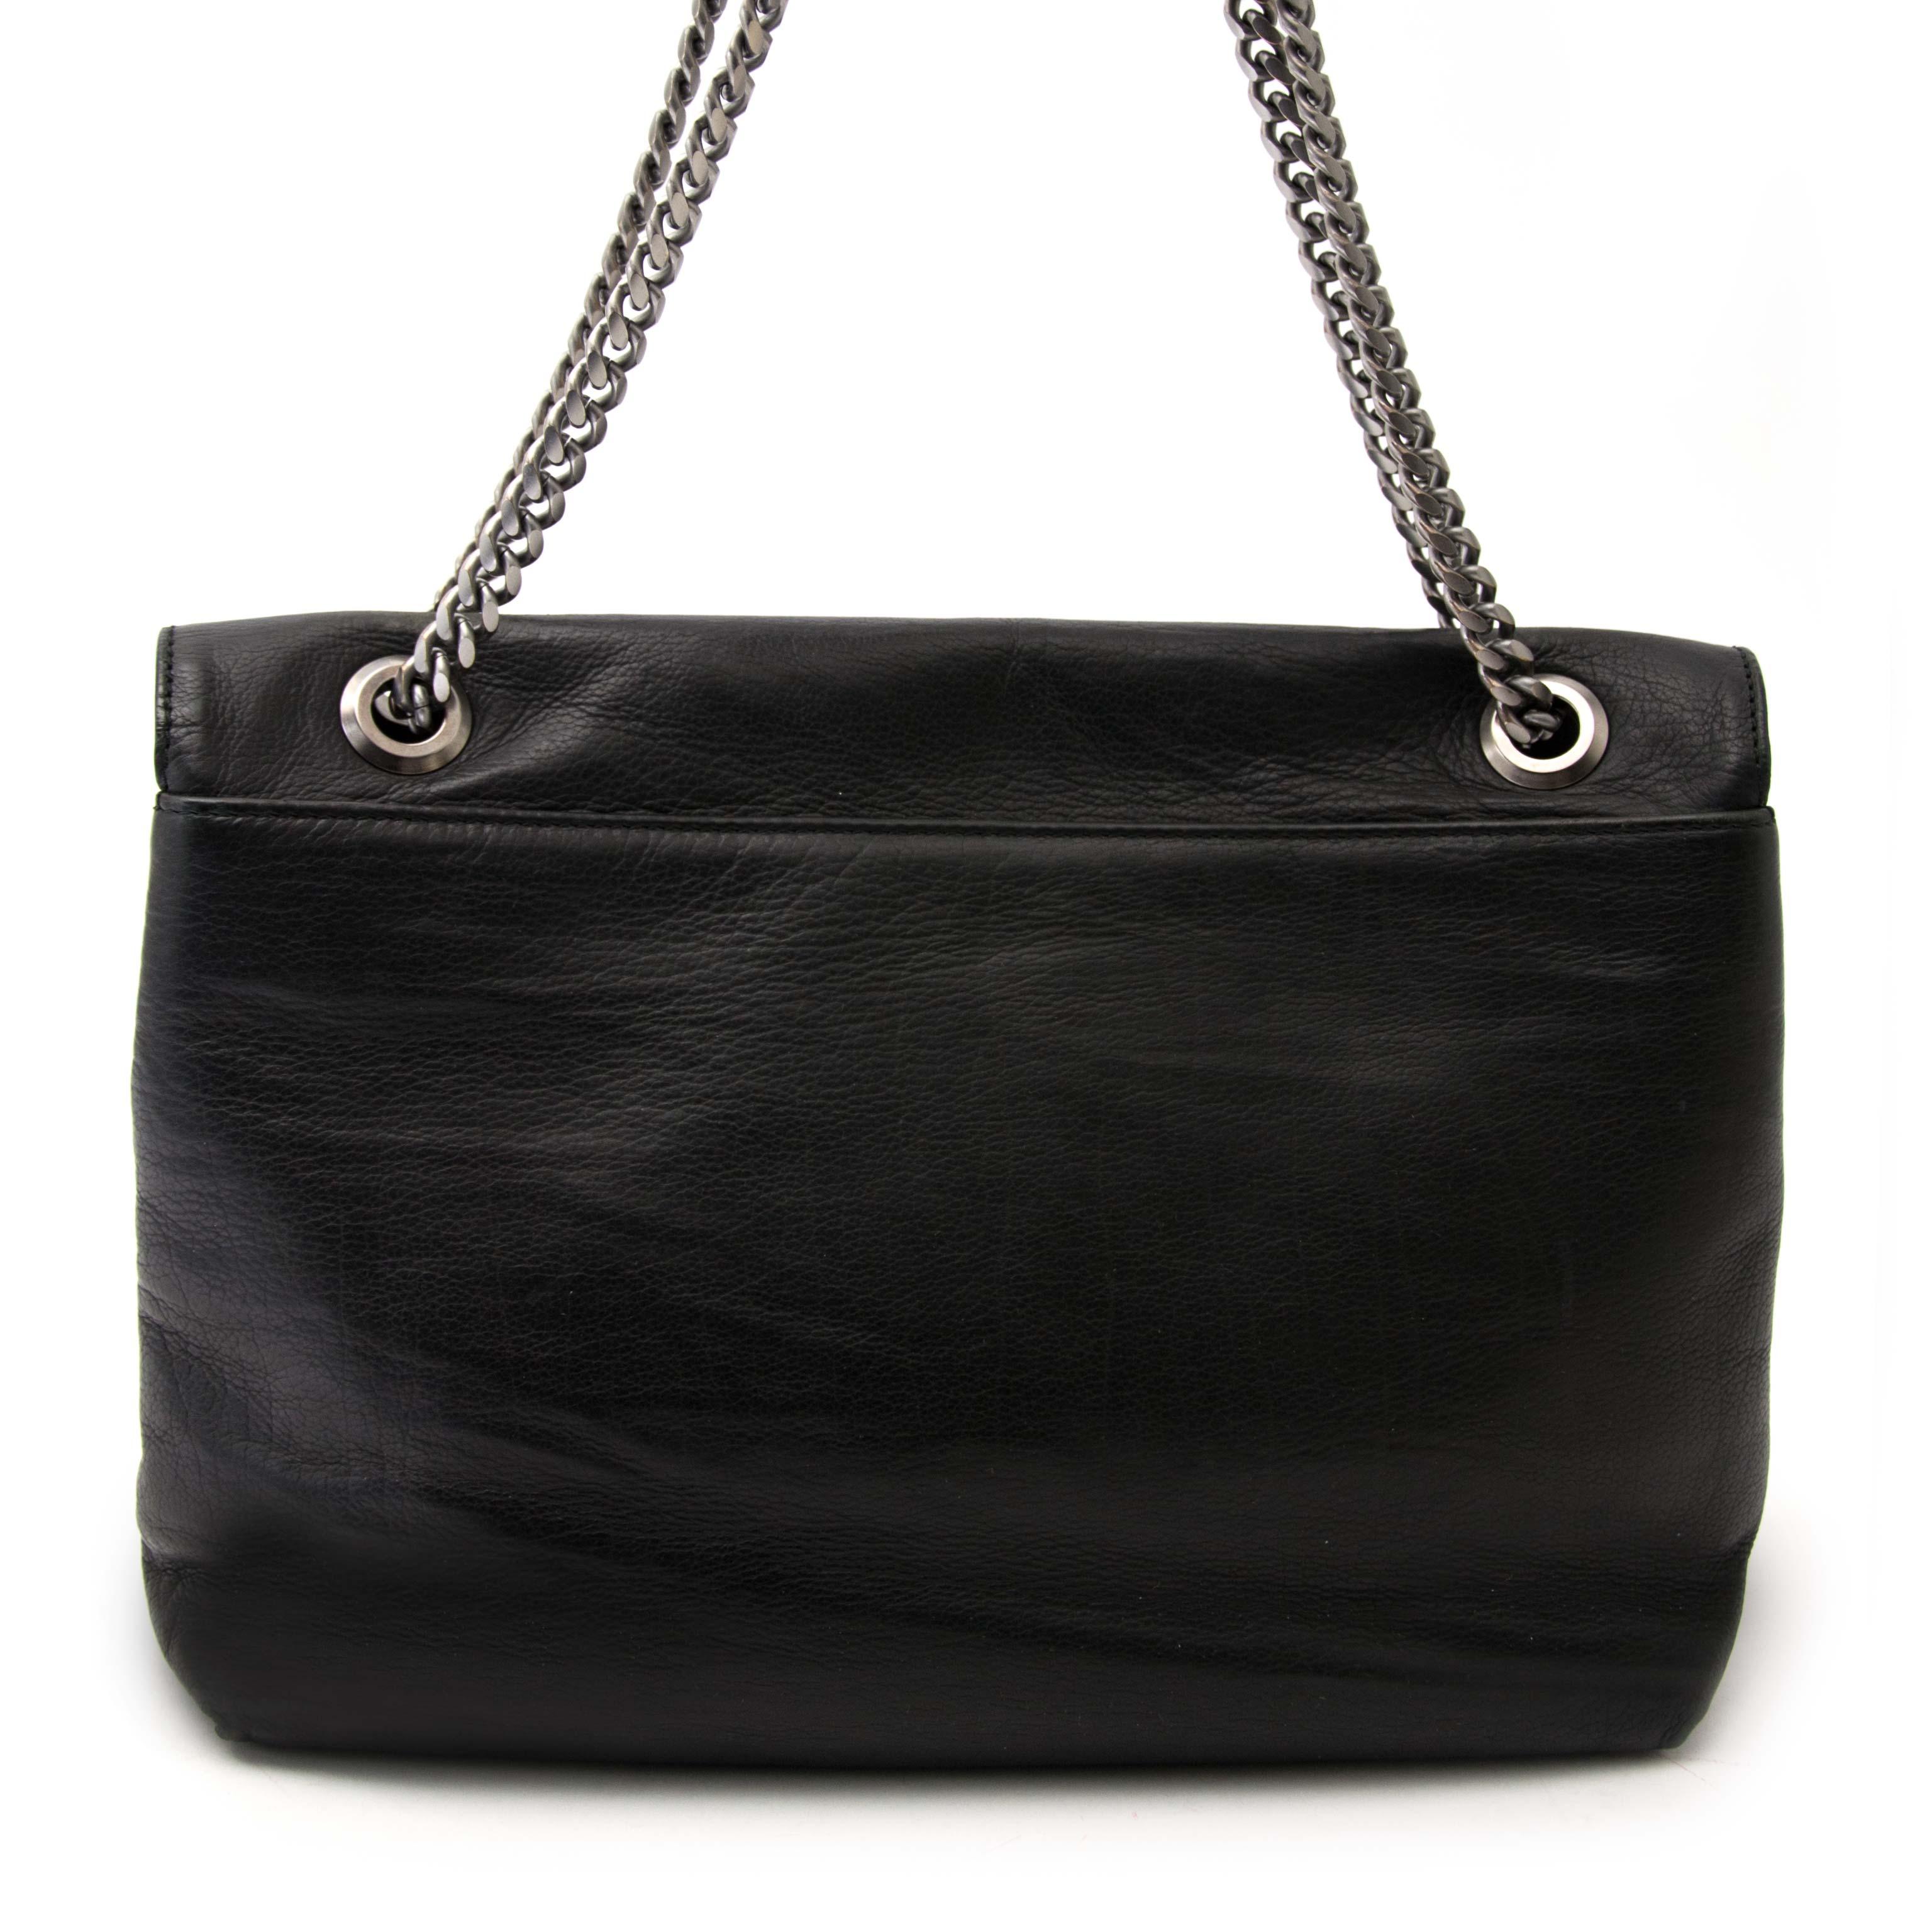 Acheter votre sac Lanvin Happy MM pour le meilleur prix